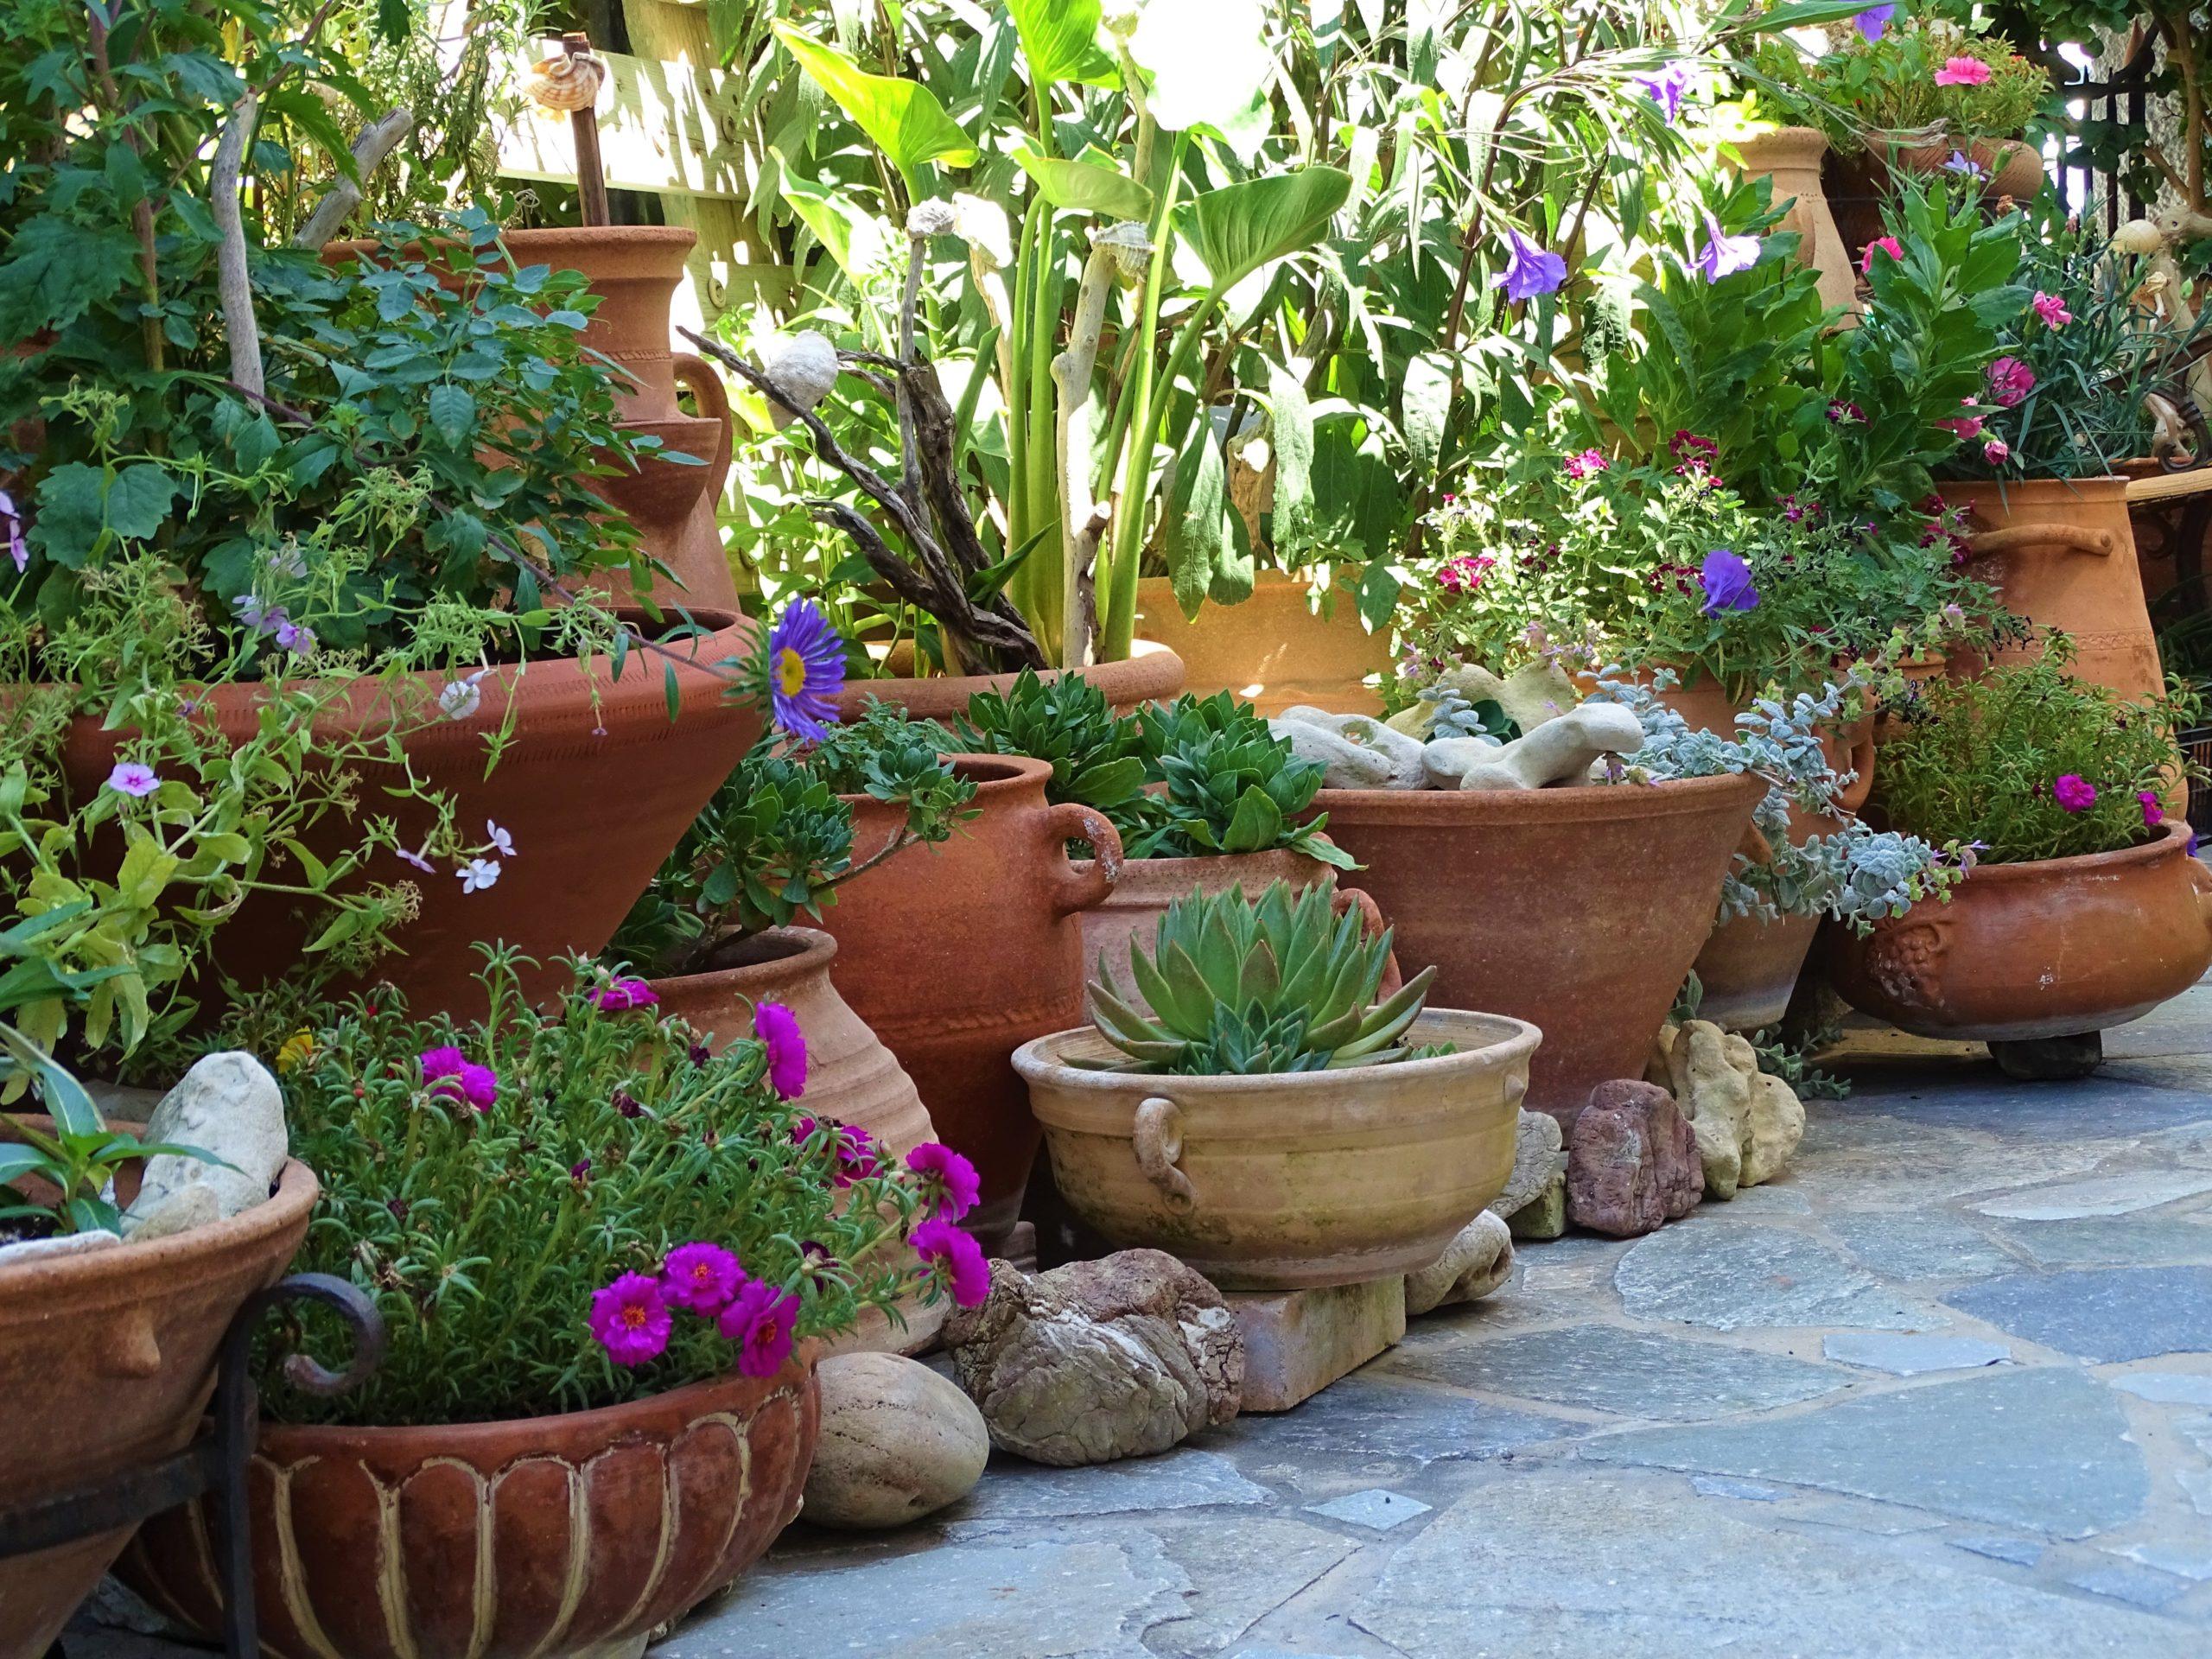 planter size garden ideas